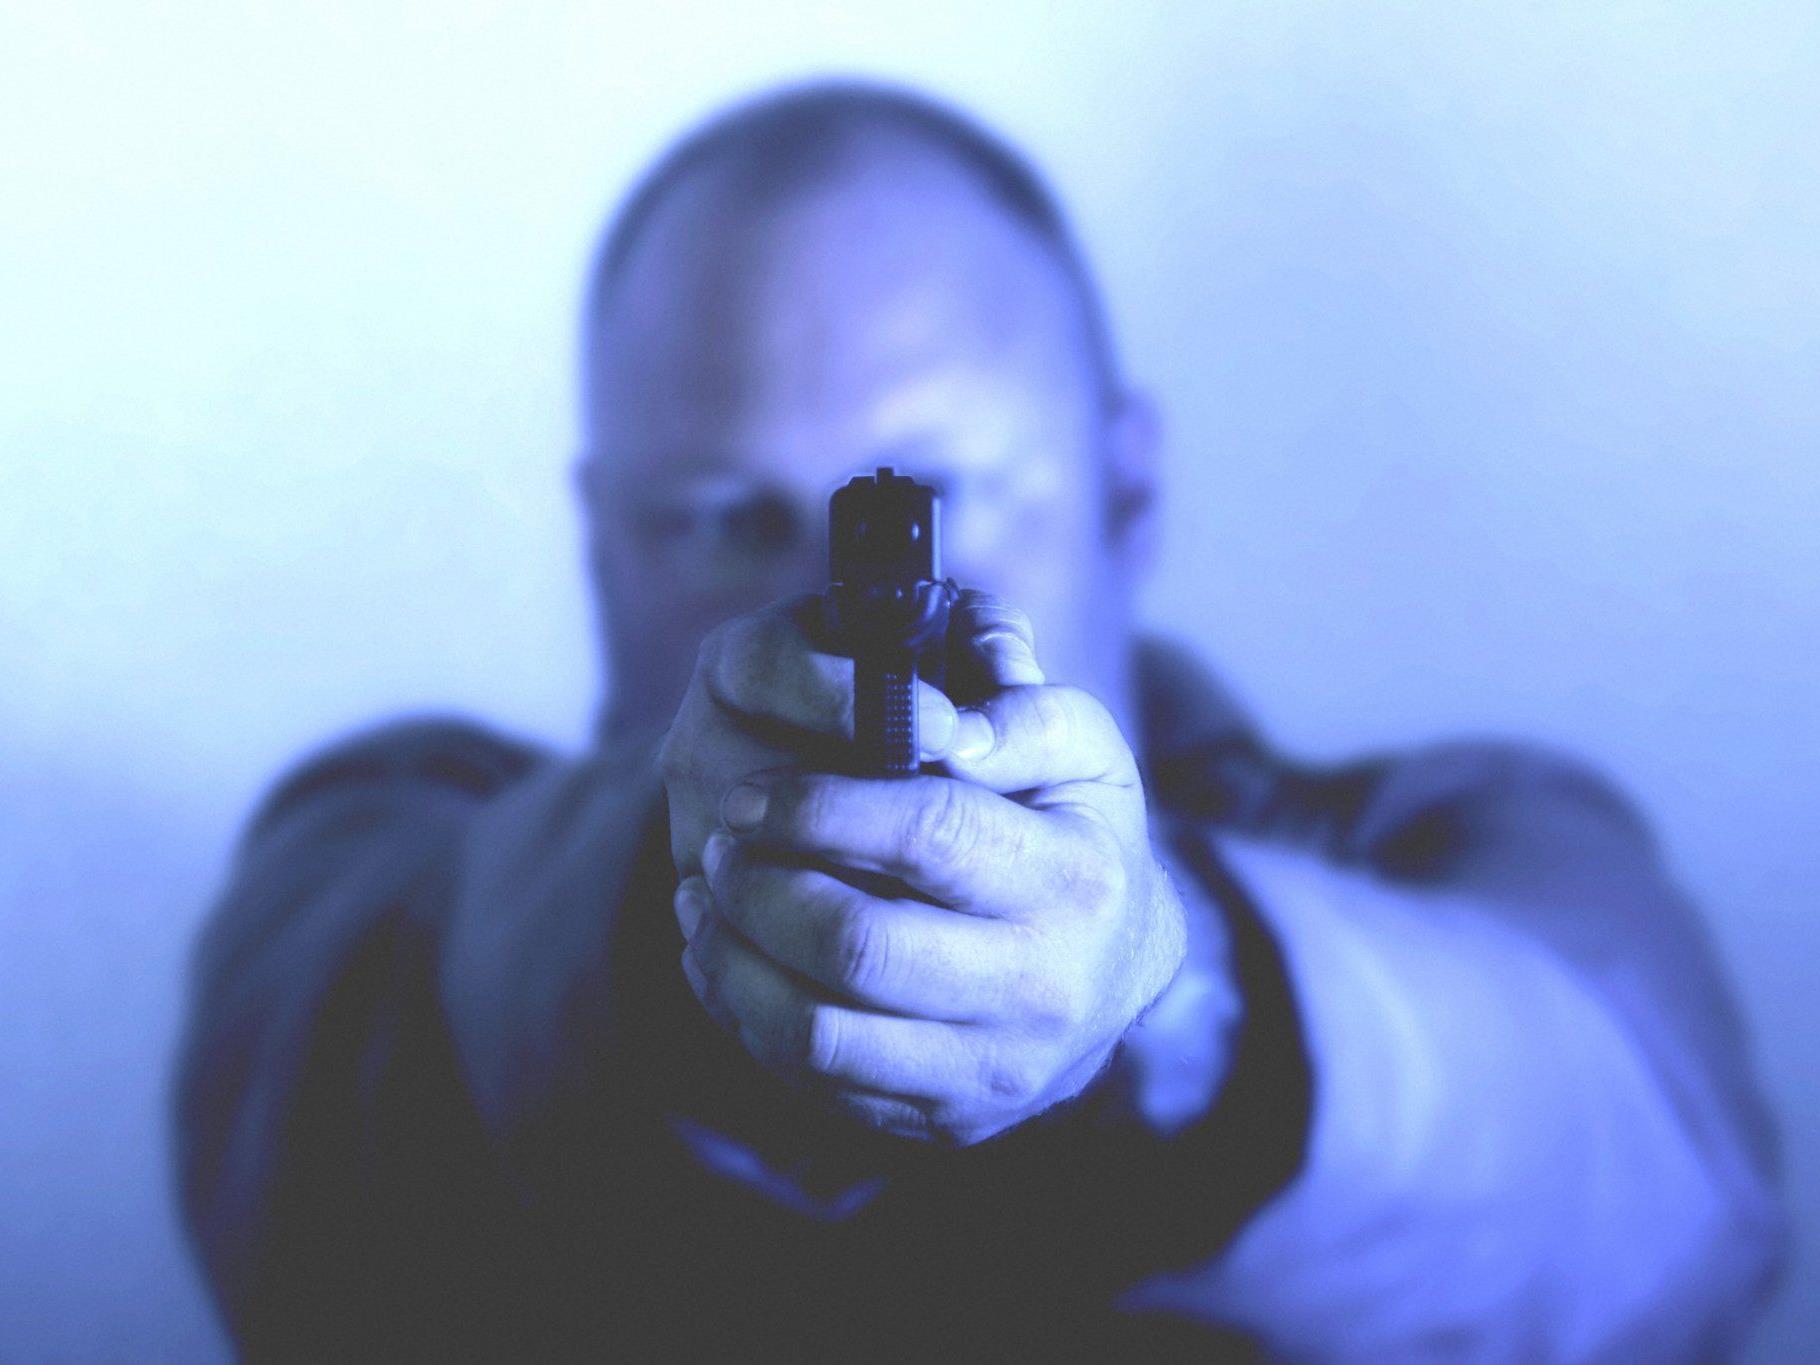 Ein Unbekannter soll wahllos auf Passanten geschossen haben.